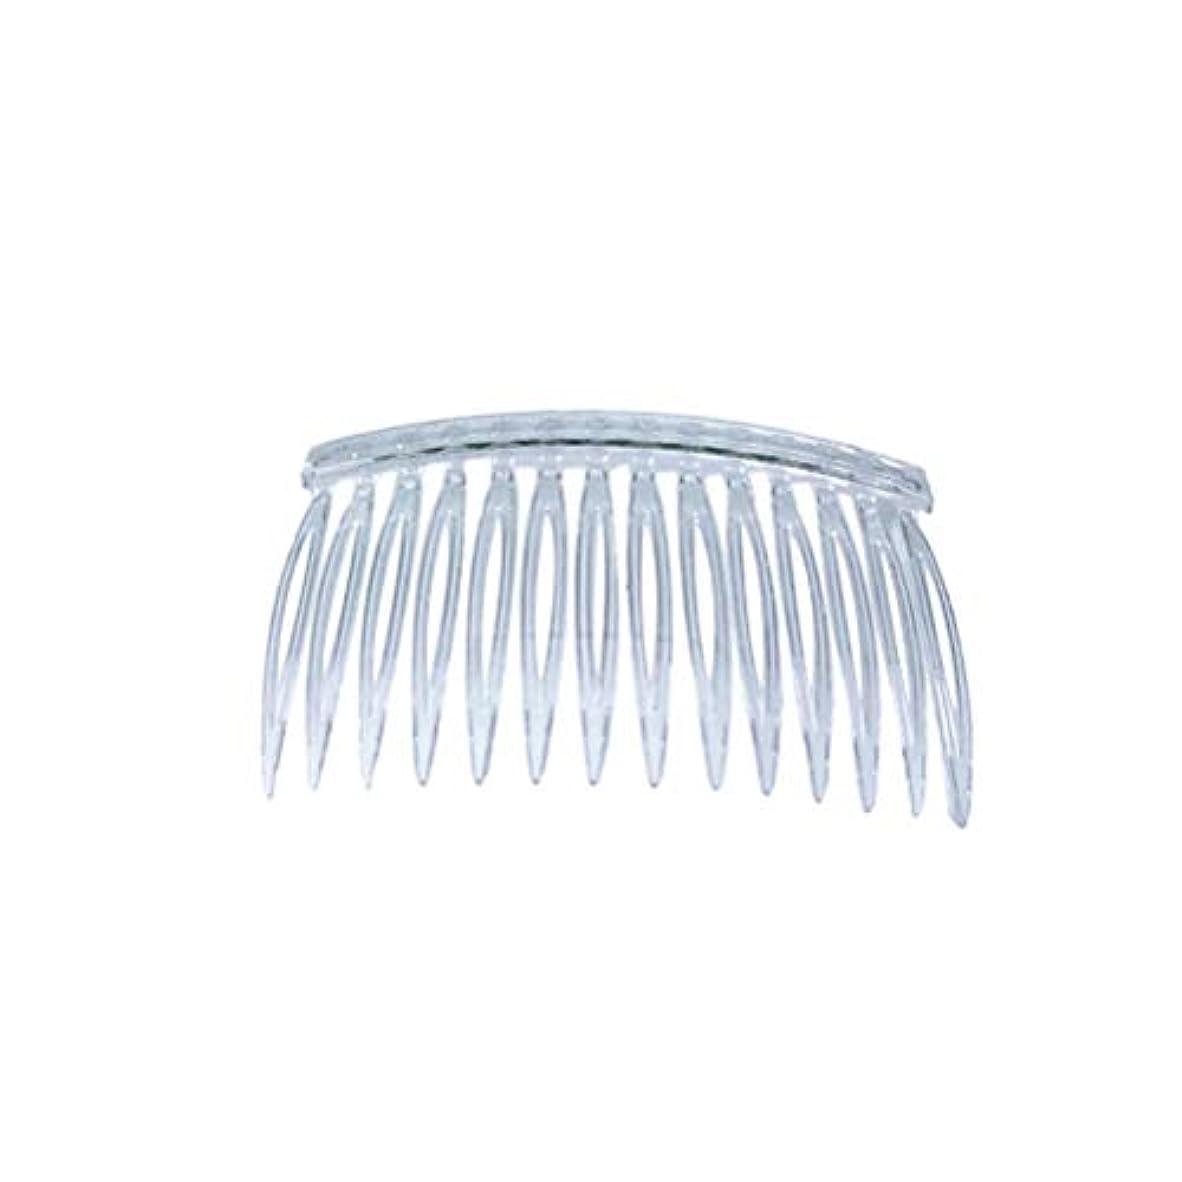 ブロッサム雑多な一般的にFrcolor ヘアコーム ヘアアレンジ コーム かんざし ヘッドドレス 髪の櫛 髪飾り ヘアアクセサリー まとめ髪 プラスチック 透明 10本セット